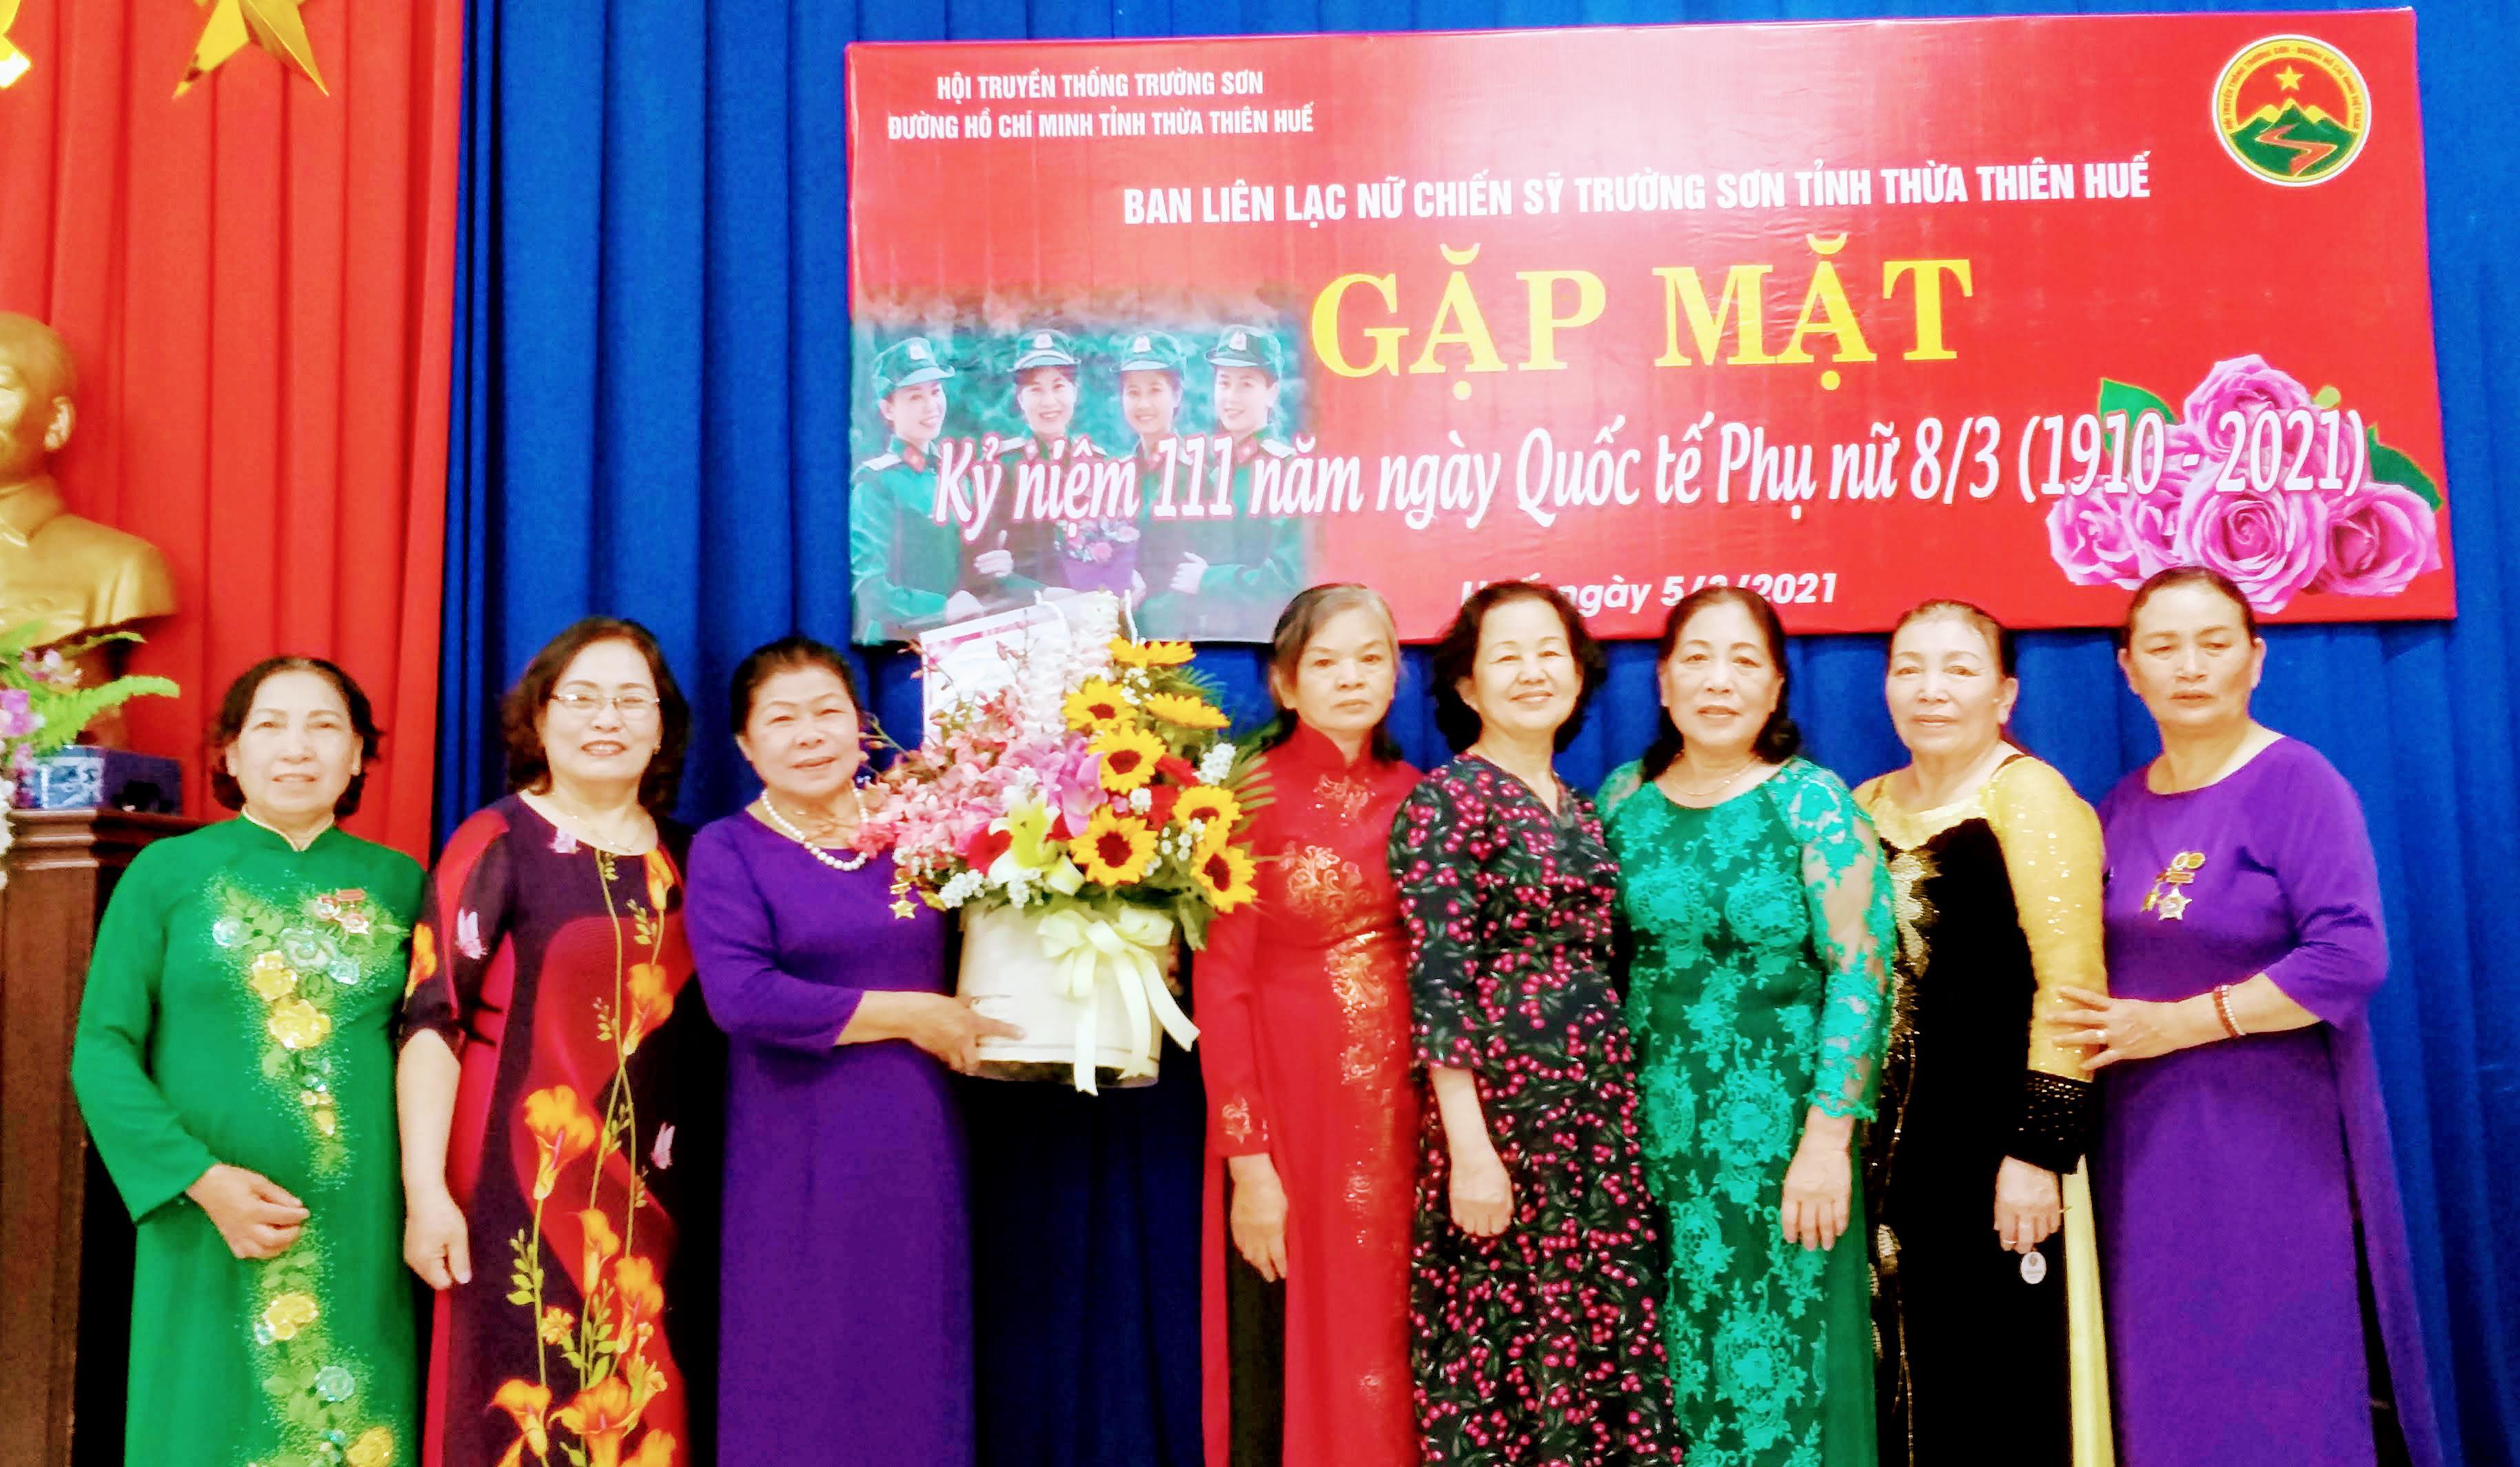 Gặp mặt Nữ CSTS tỉnh Thừa Thiên Huế nhân ngày Quốc tế Phụ nữ 08-3